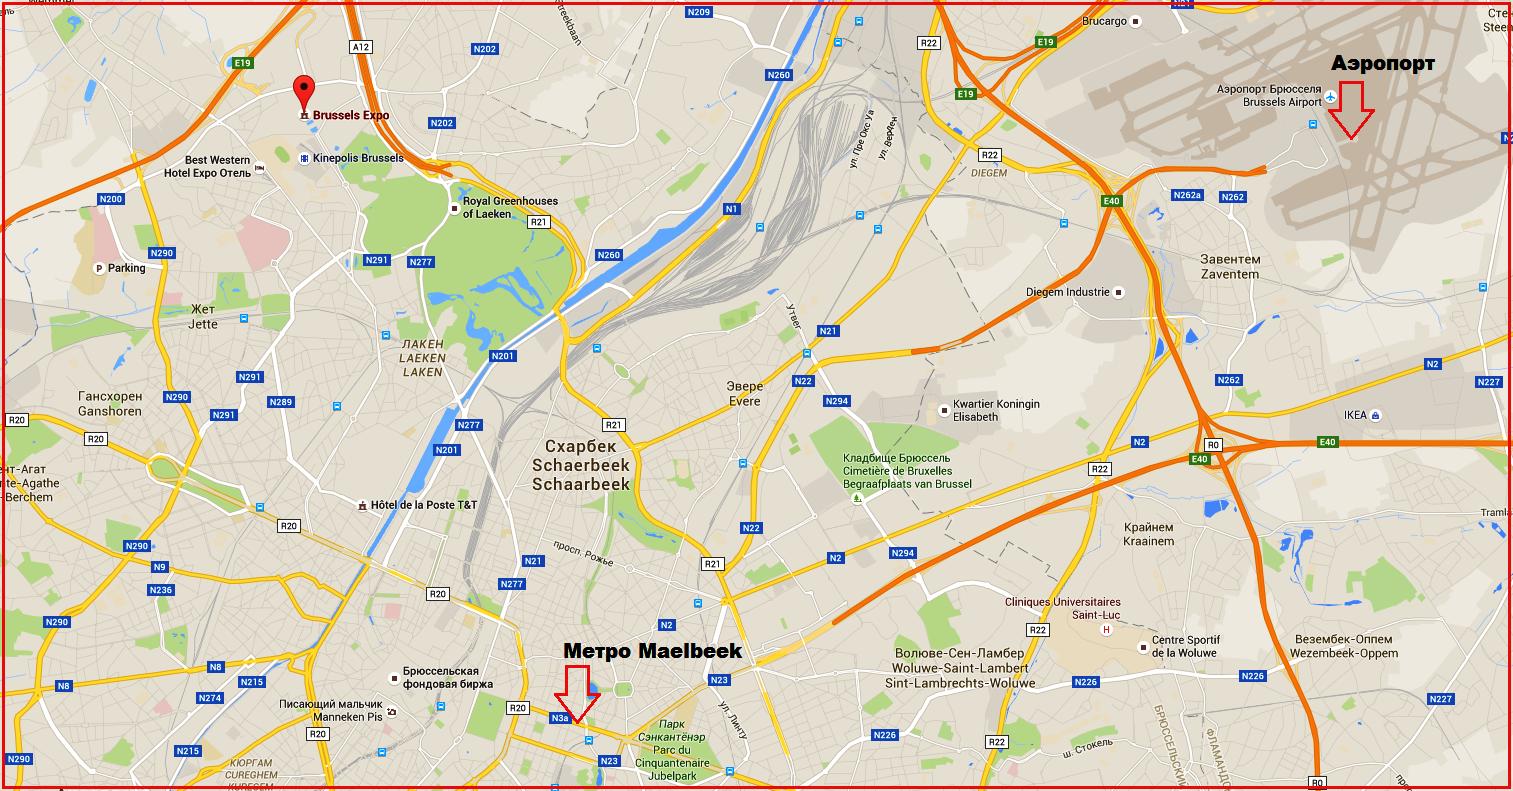 PRSE отменена из-за теракта. Карта взрывов в Брюсселе 22 марта. karta_teraktov_v_Brussele_22